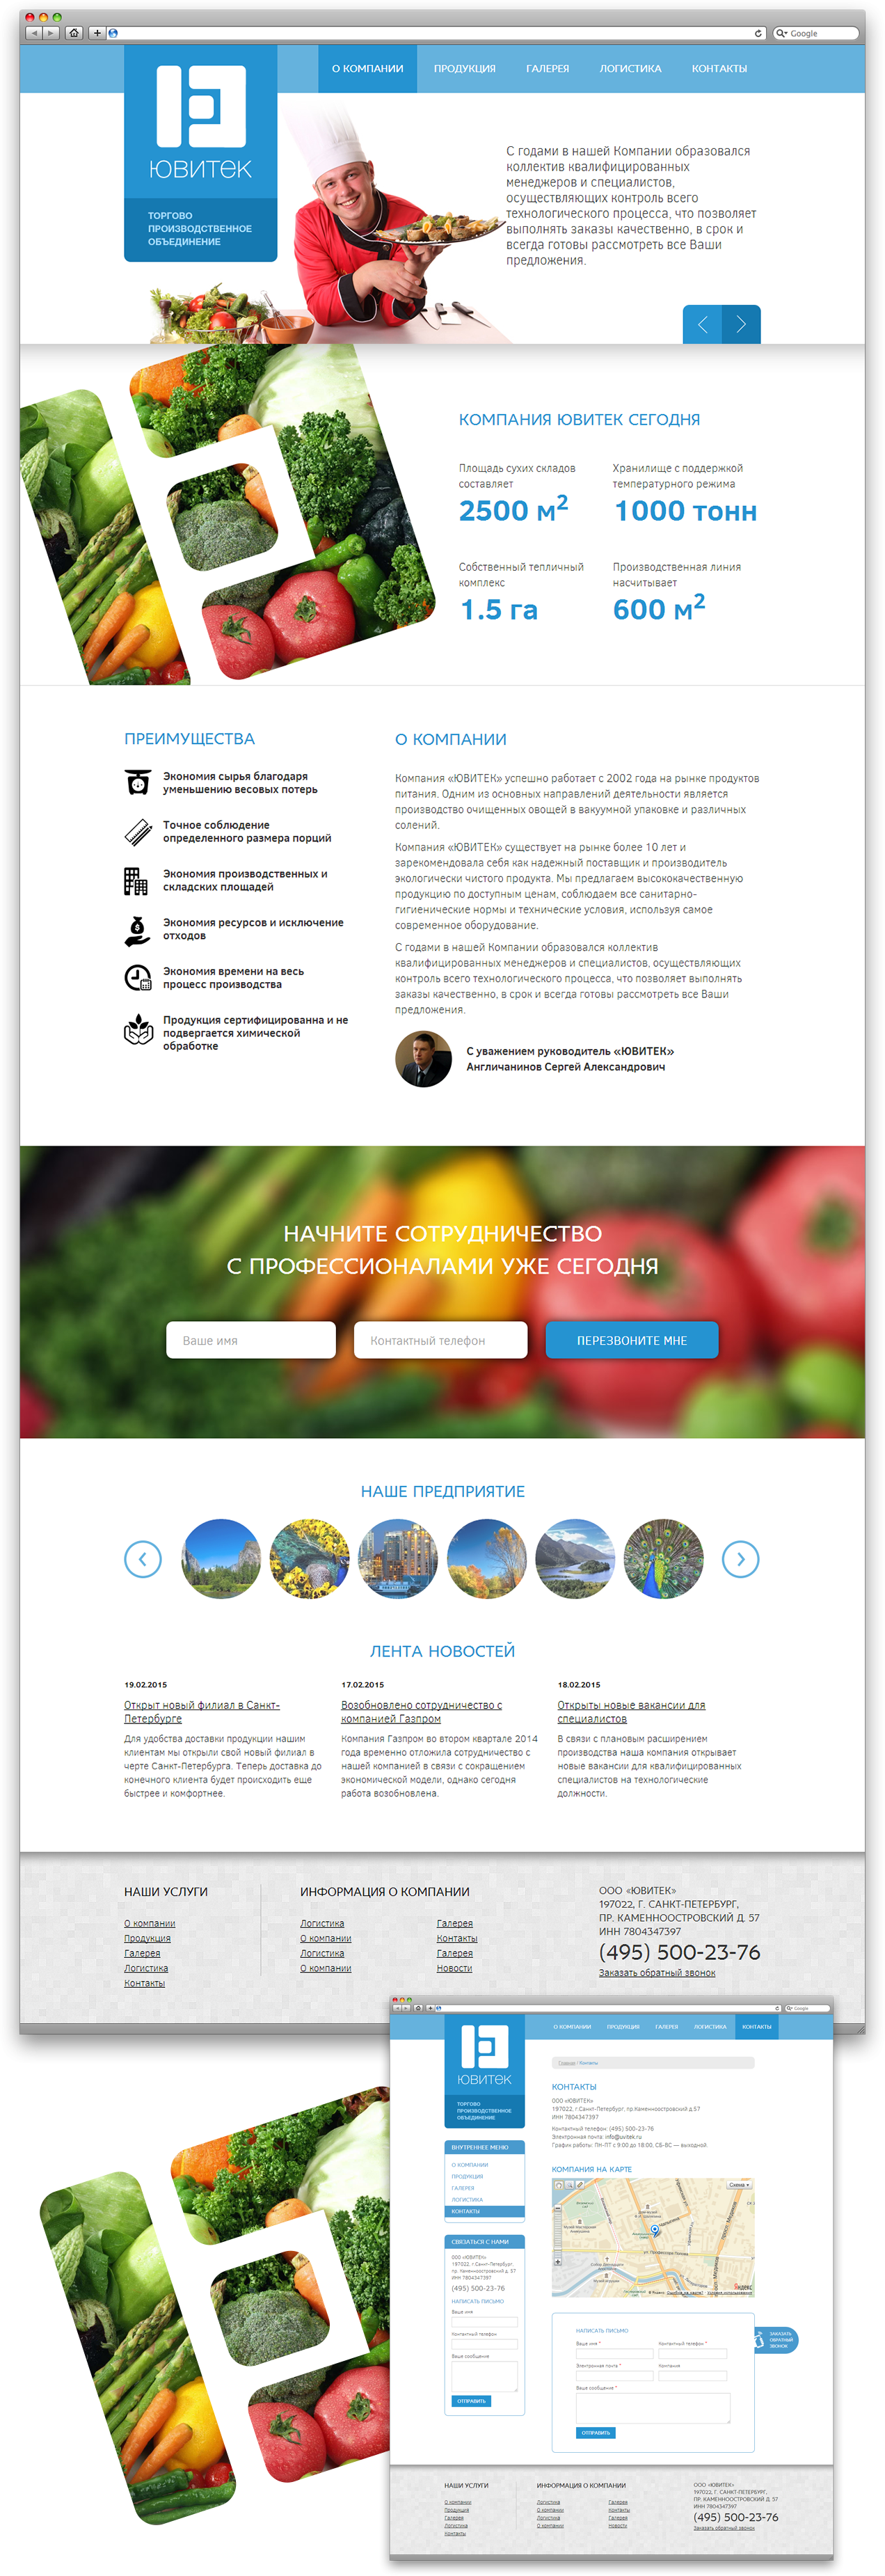 Сайт компании «Ювитек»